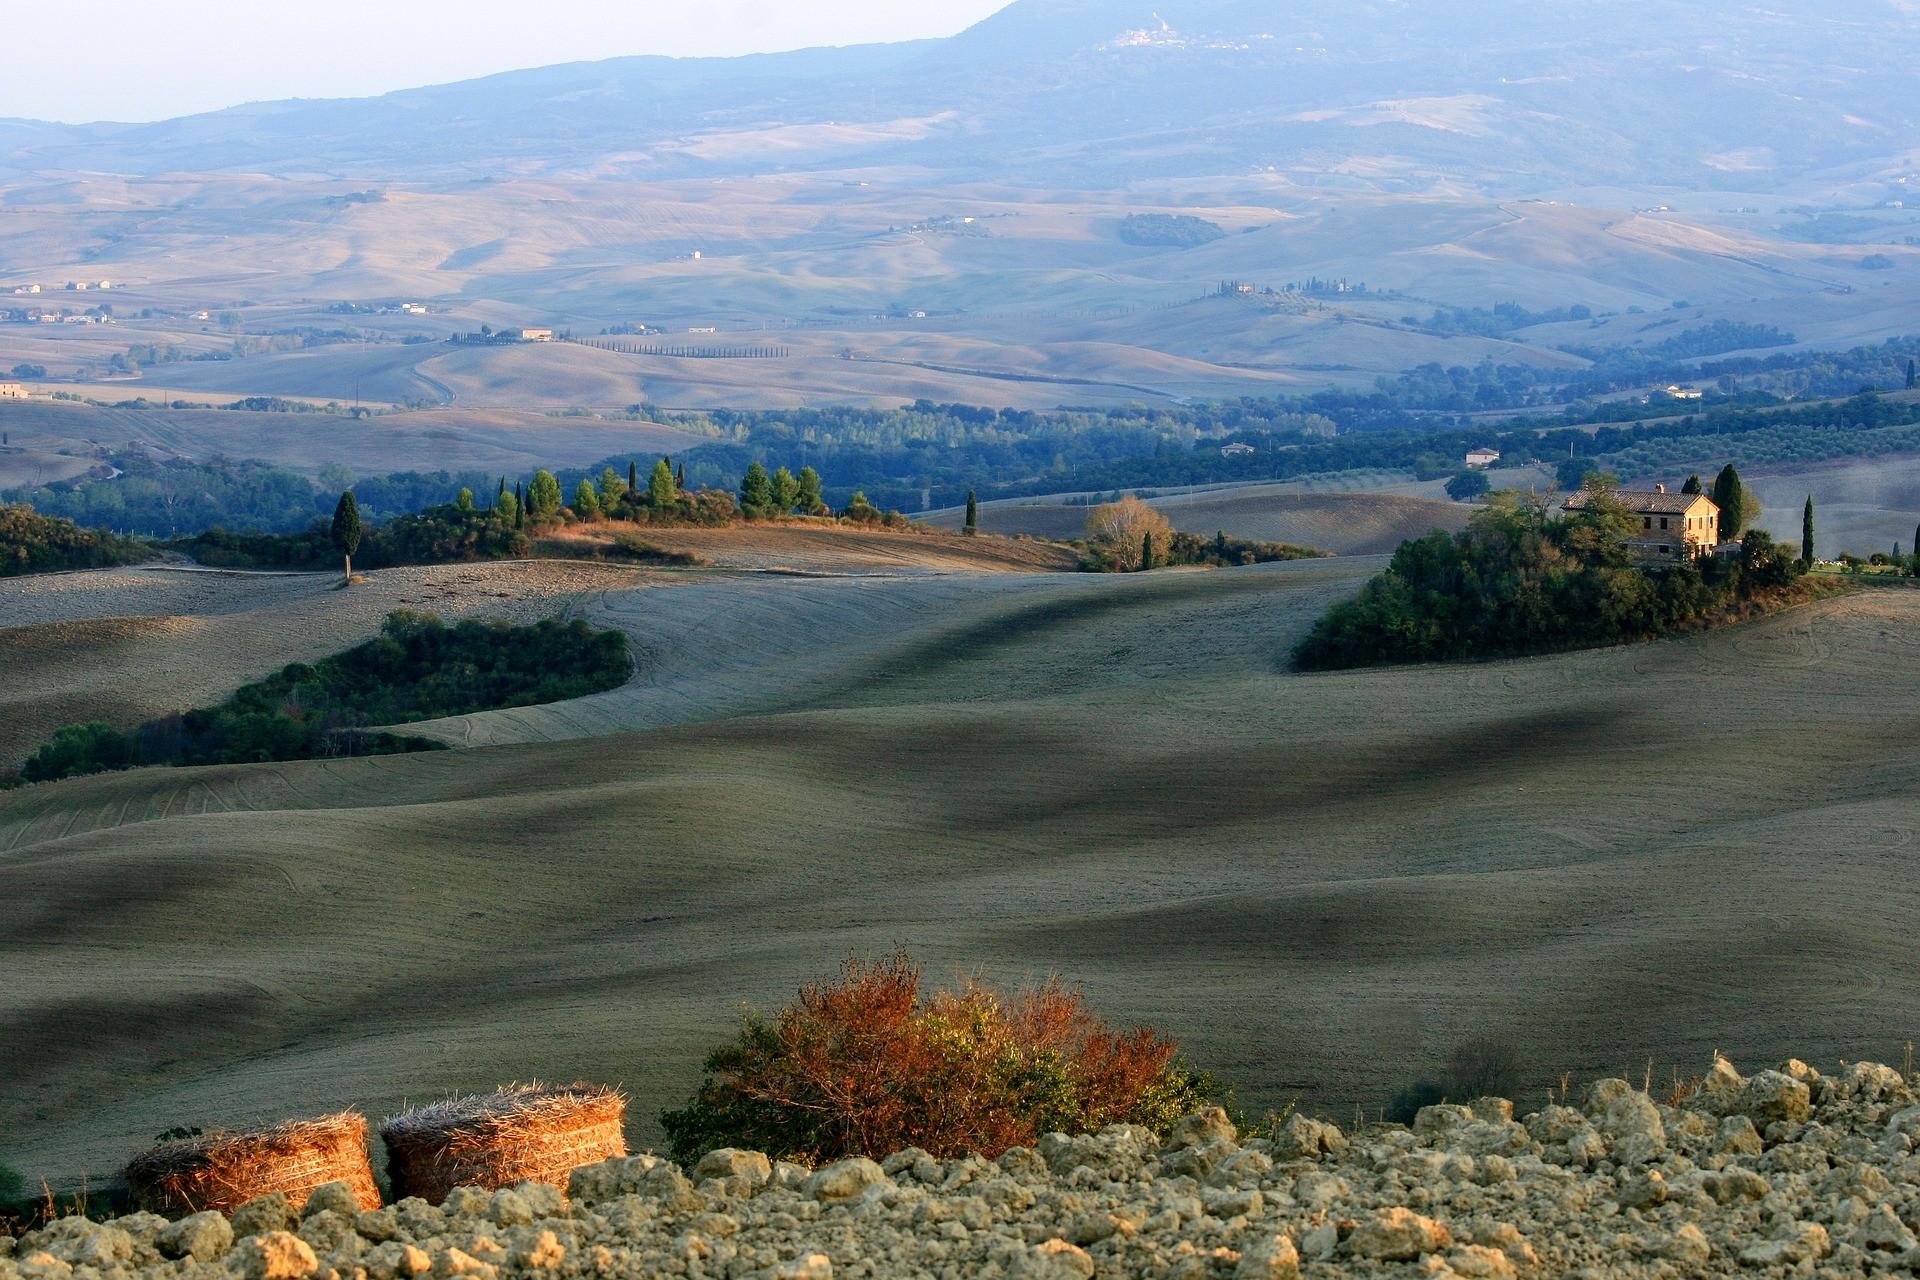 Paesaggio della Toscana - Foto di Klaus Stebani da Pixabay